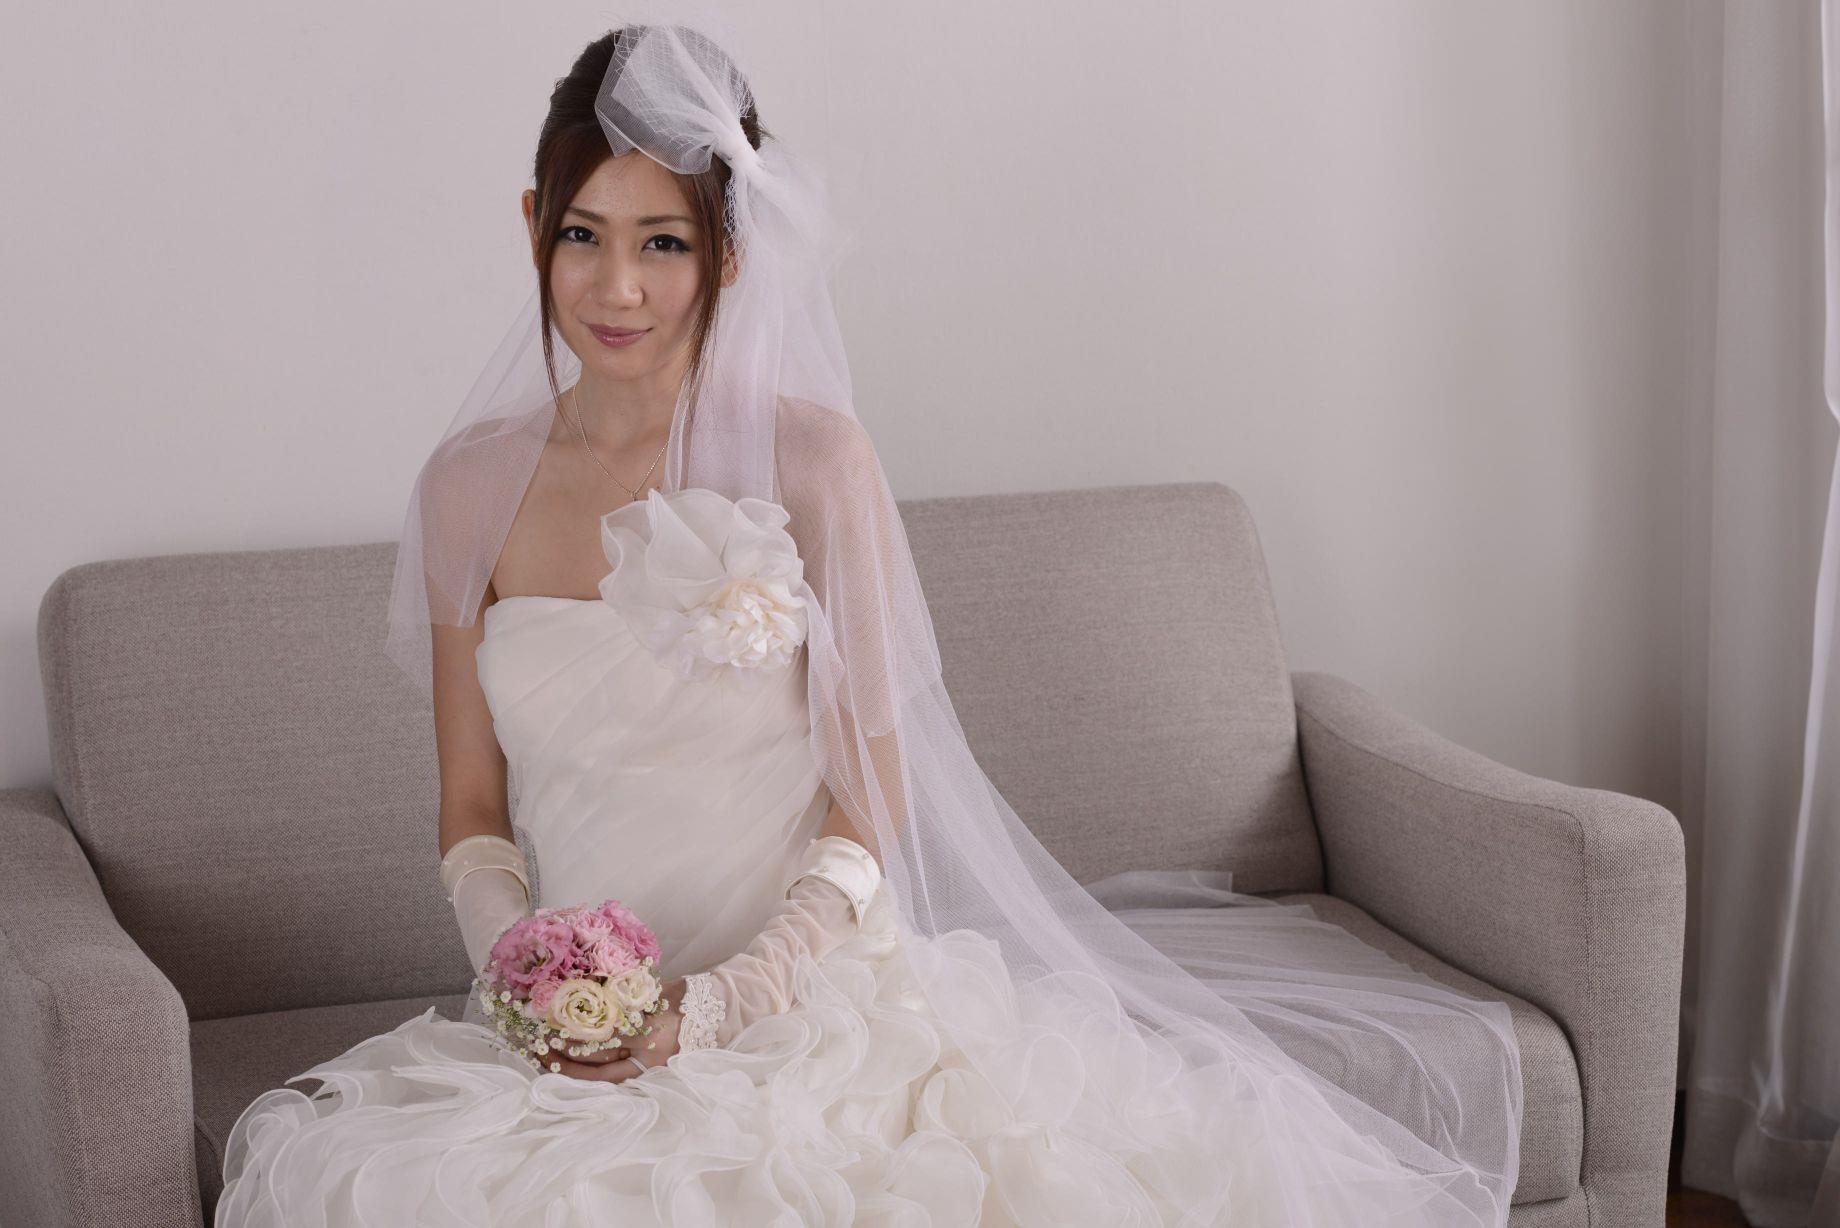 前田かおり ウェディングドレス画像 45